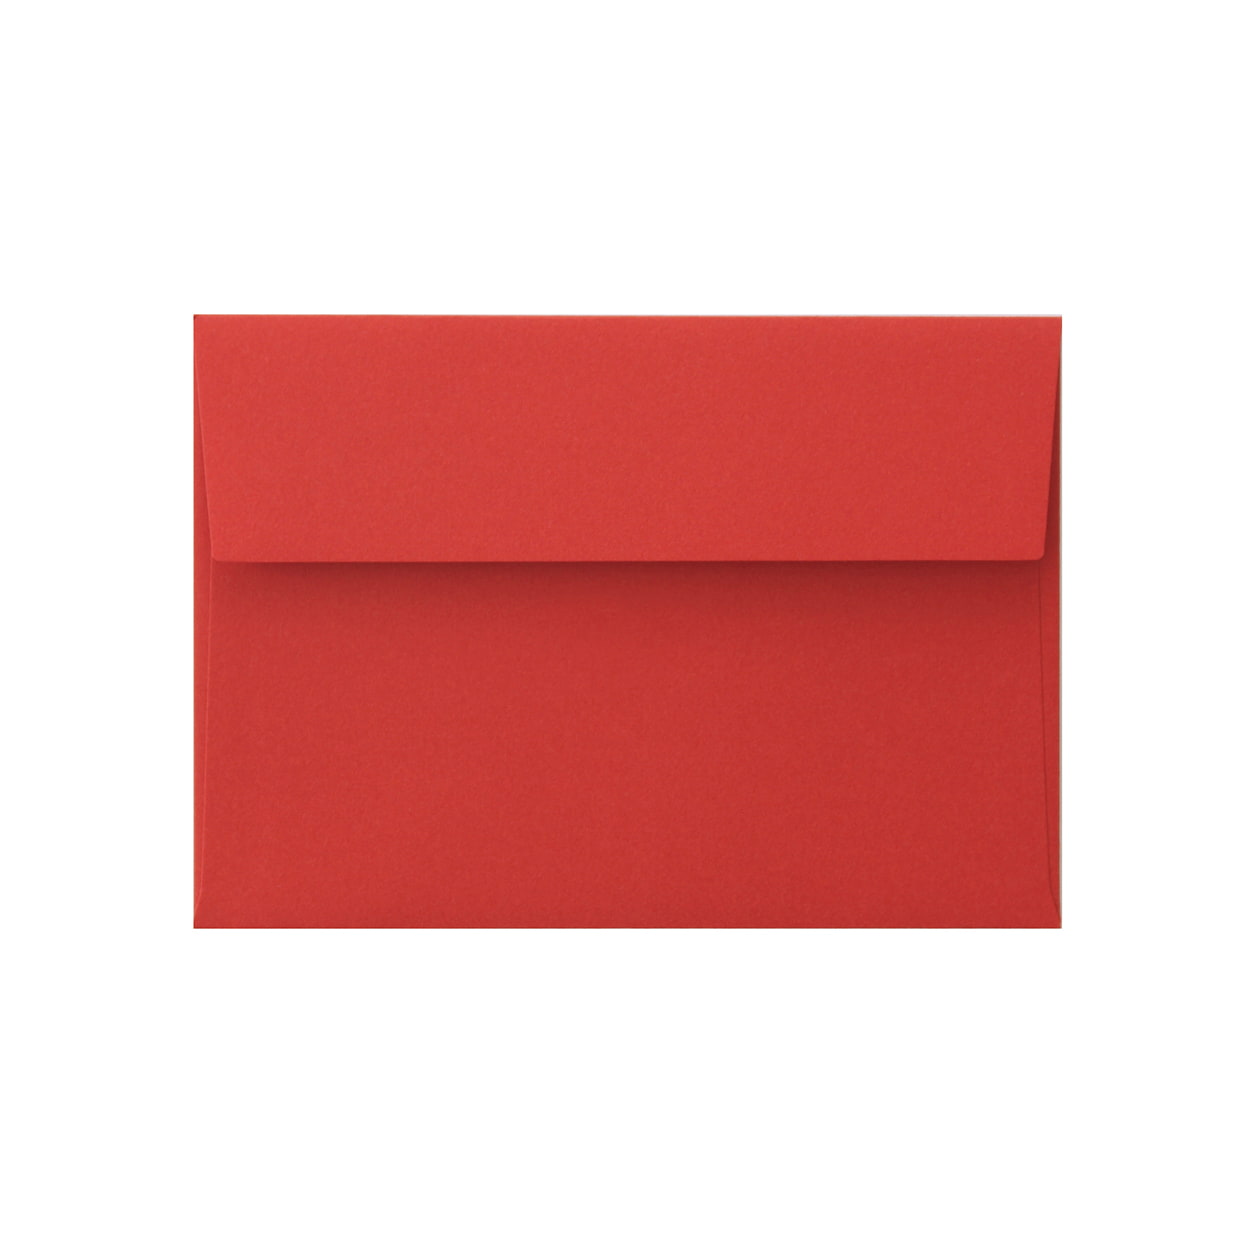 洋2カマス封筒 コットン レッド 116.3g